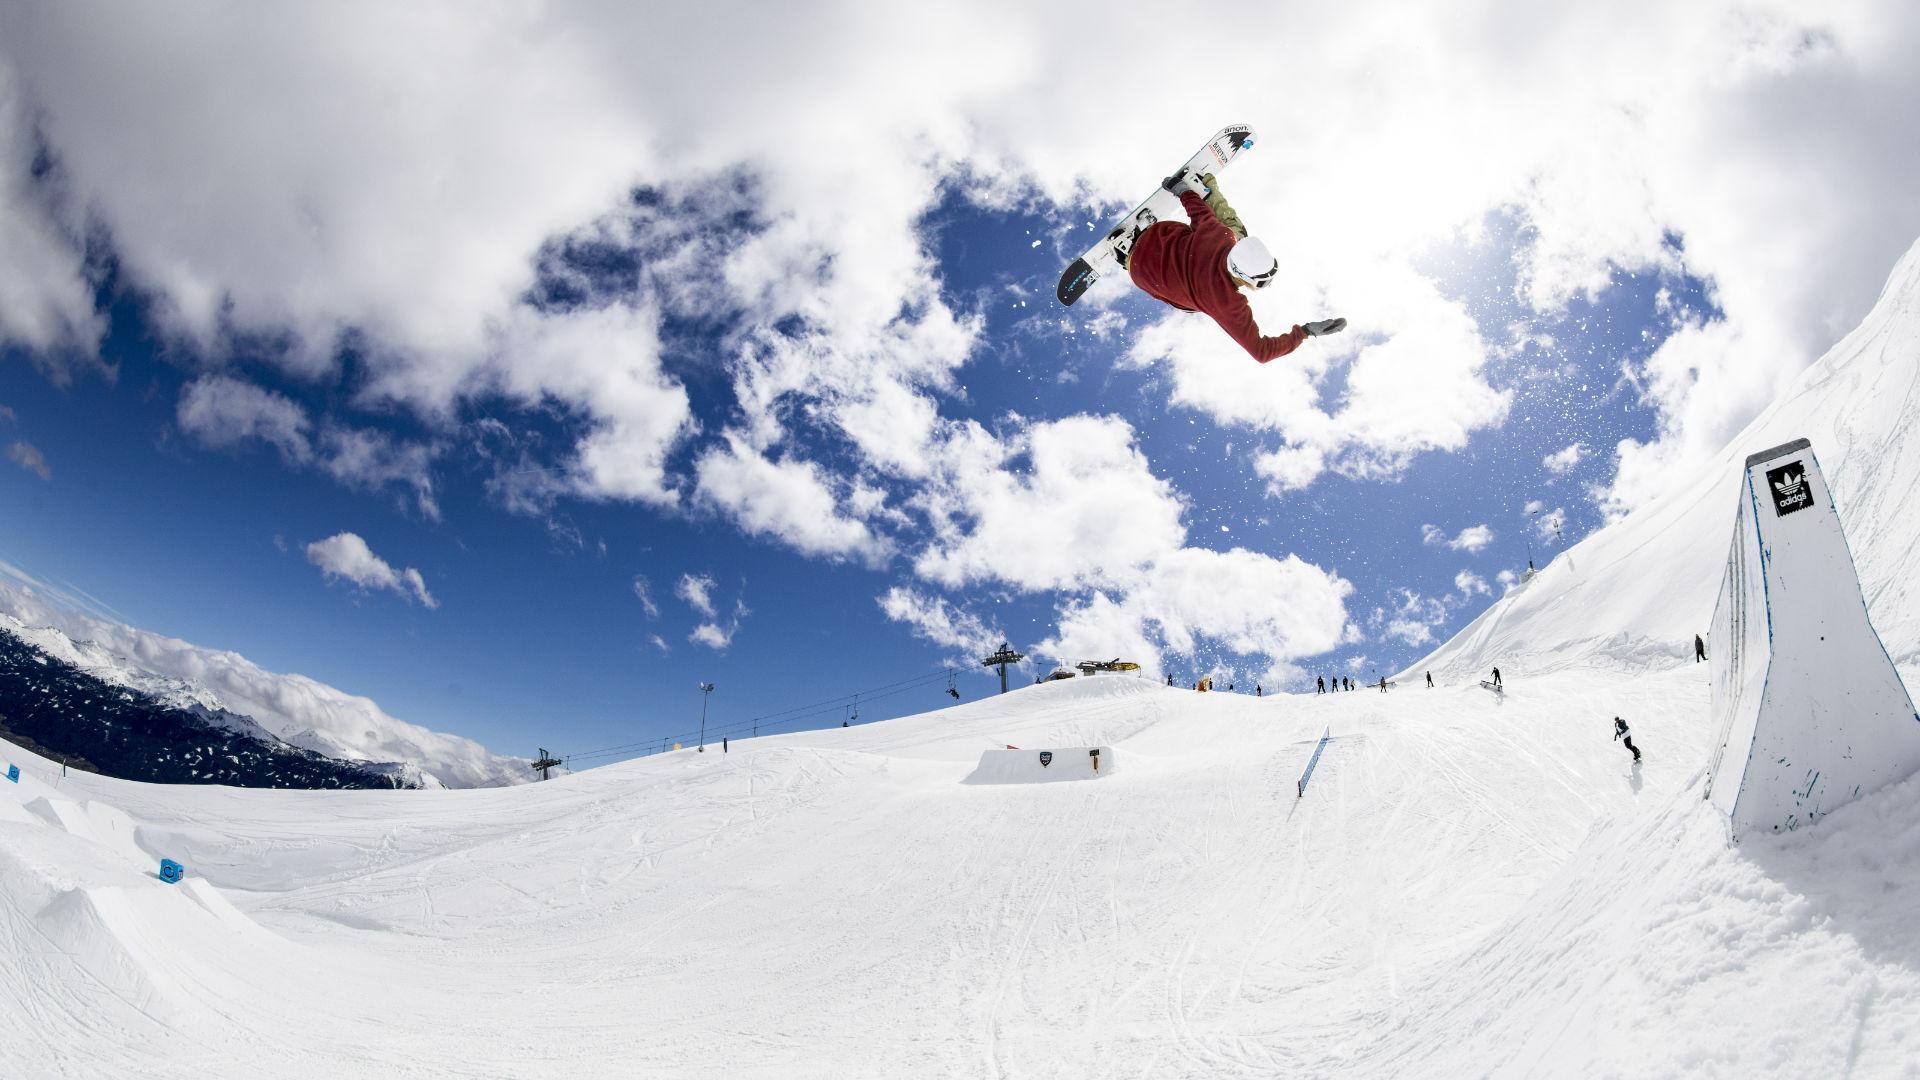 724ce174d082 Clemens Millauer hip jump at Nordkette Park Innsbruck